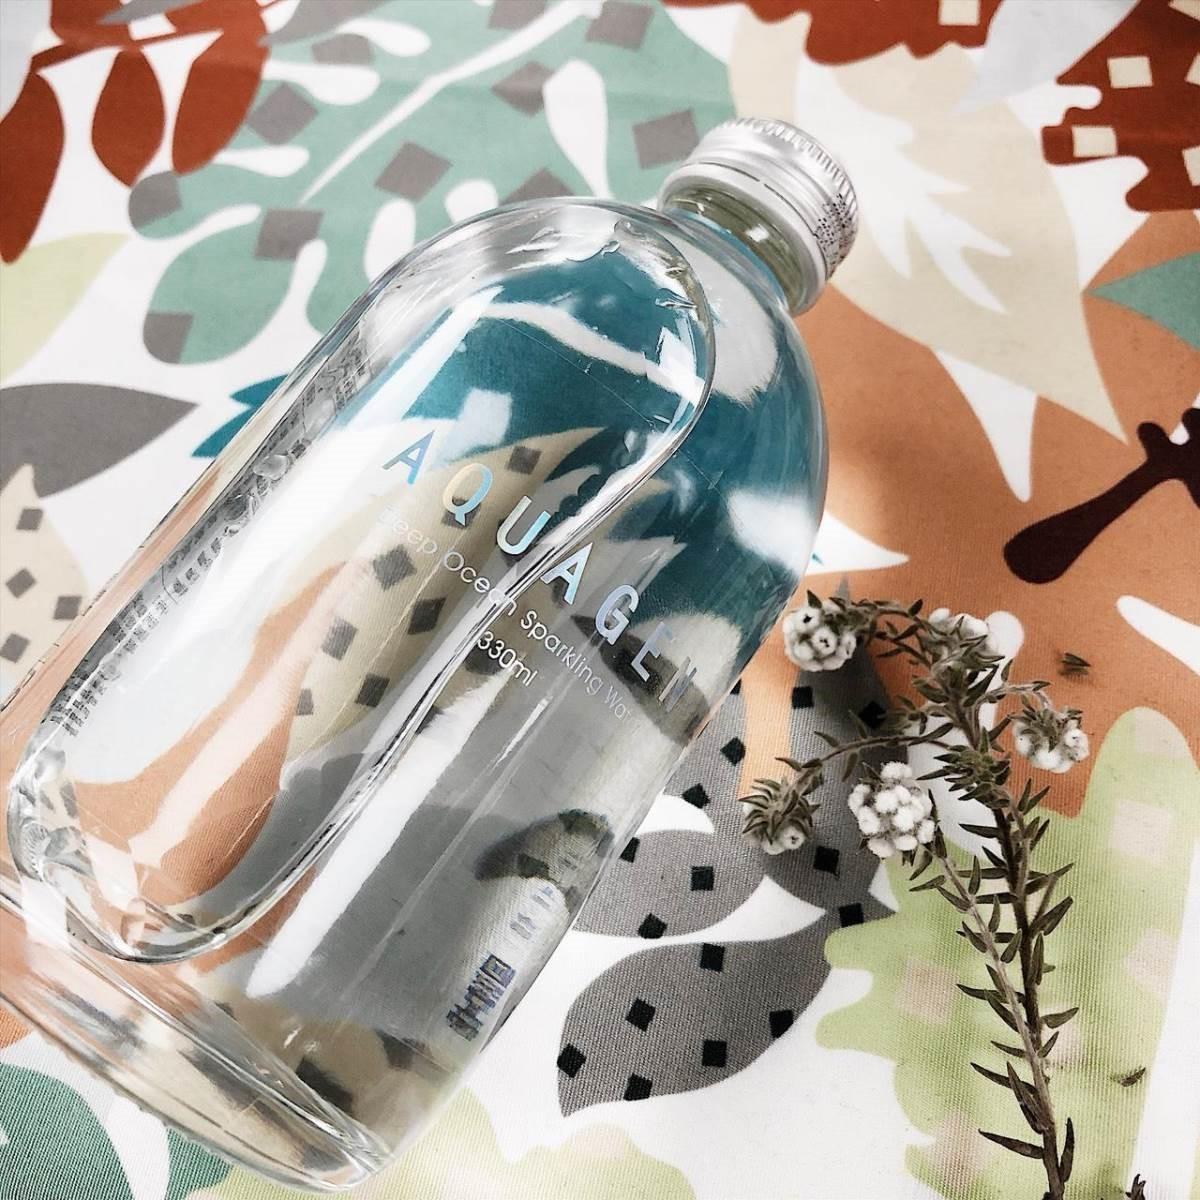 使用素材:玻璃瓶裝的海洋天然水。